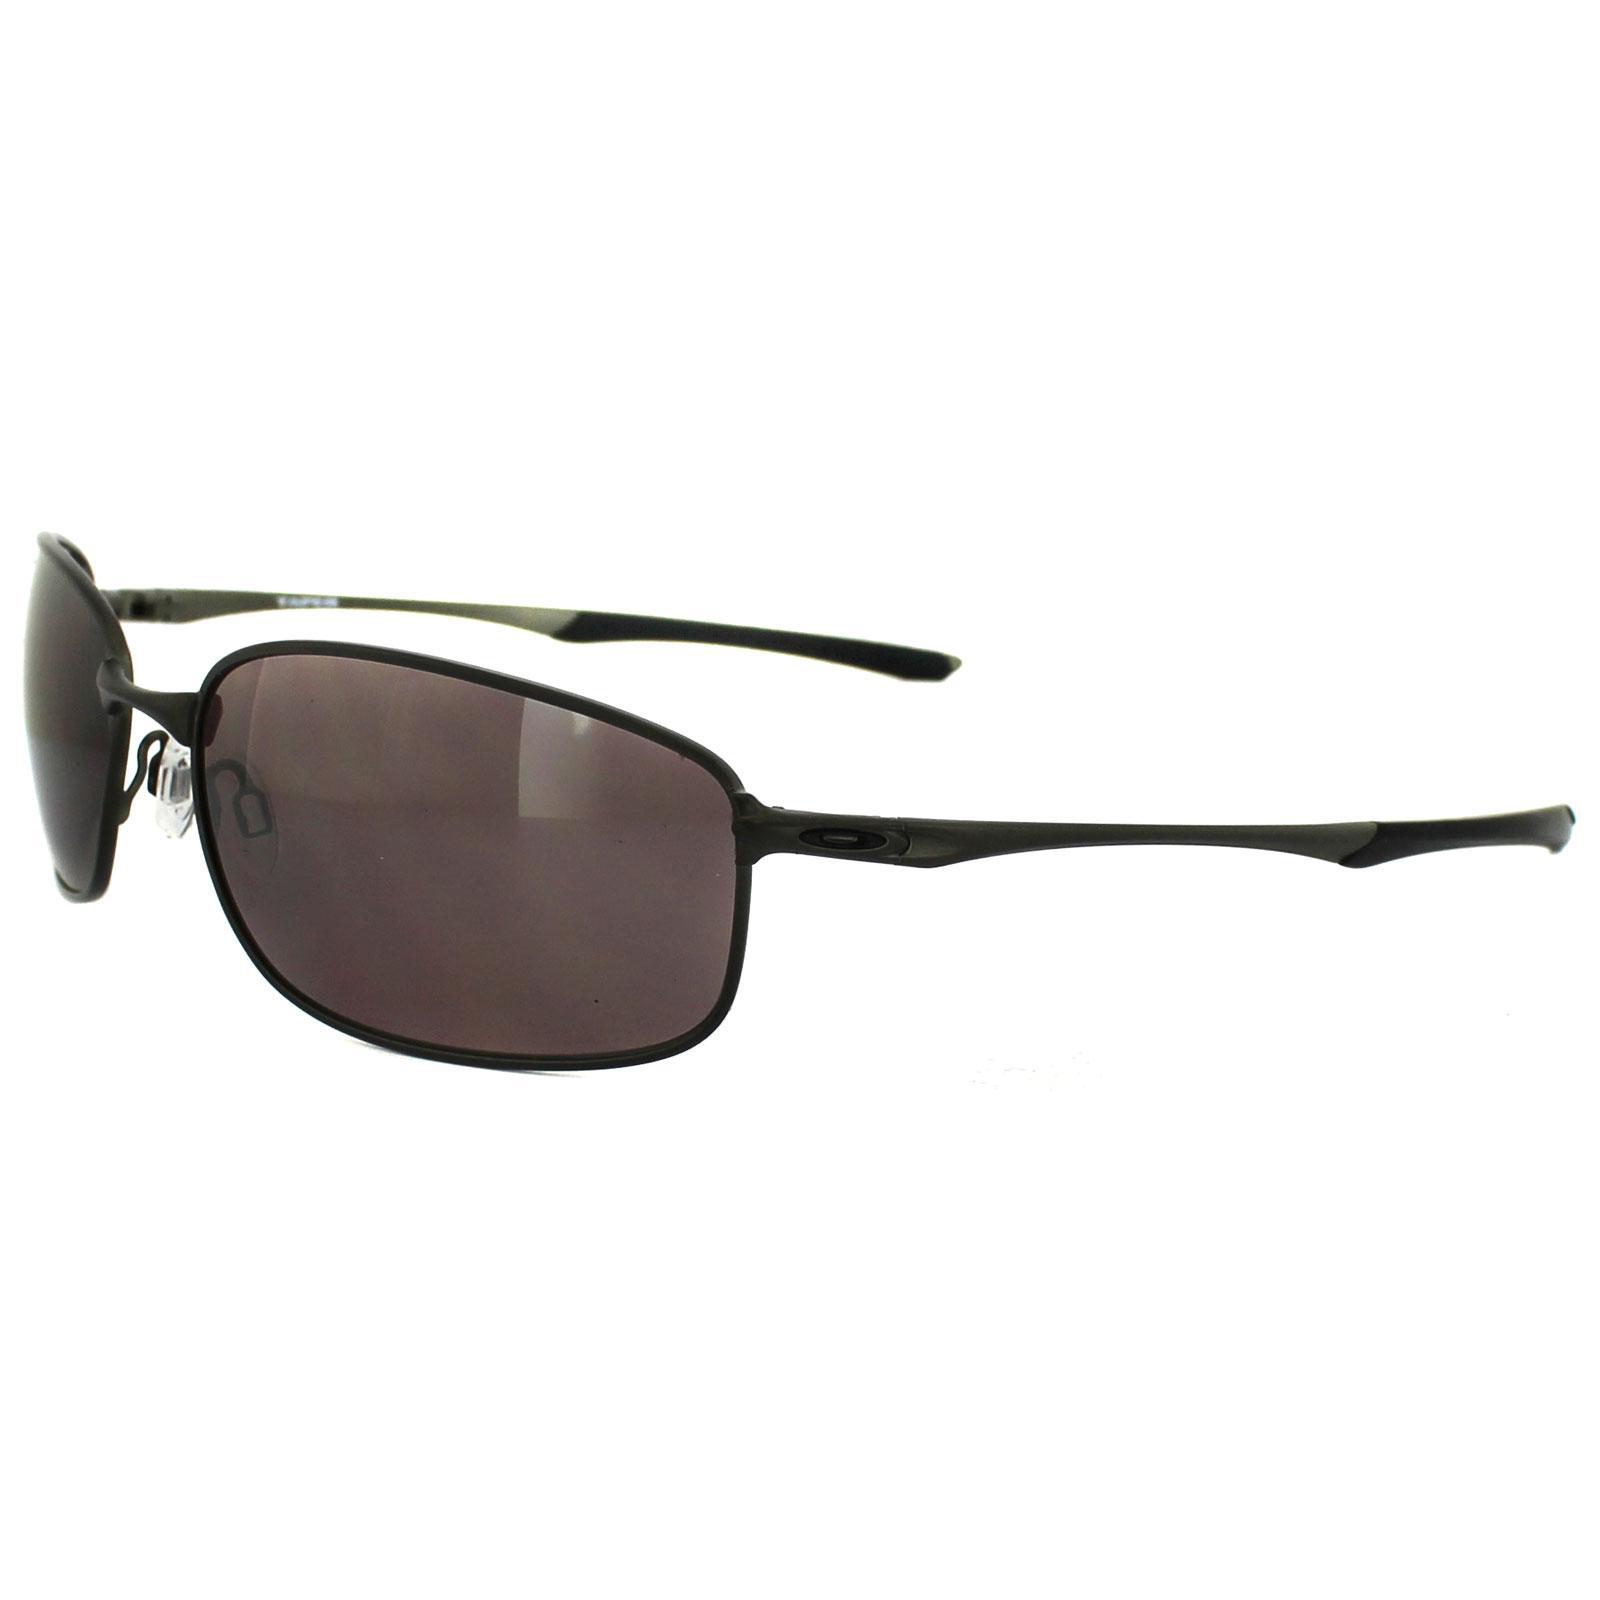 79847c6bd49 Oakley Polarized Taper « Heritage Malta